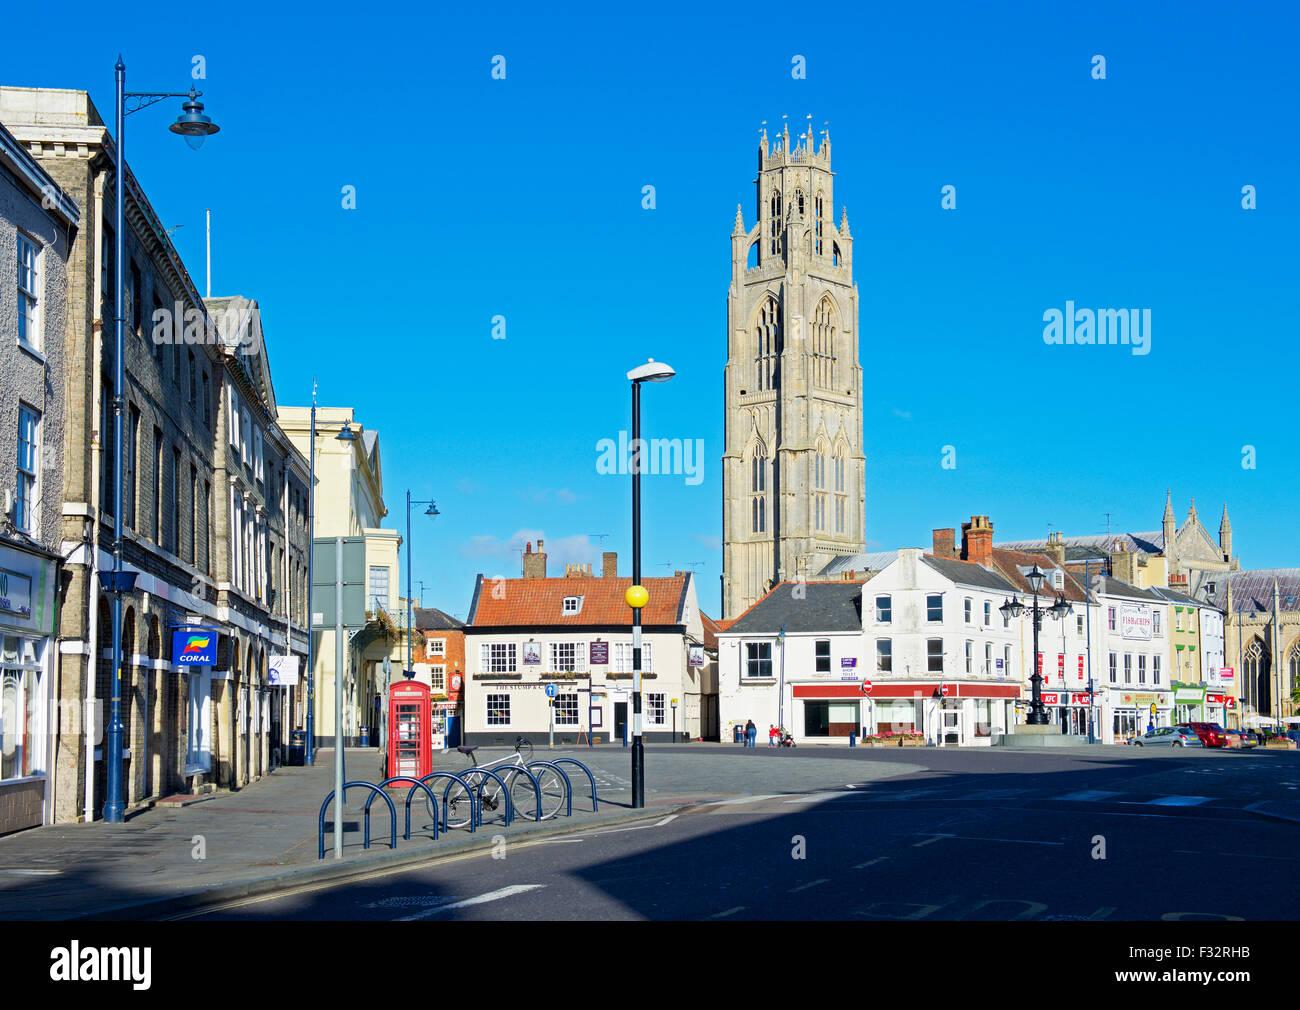 La iglesia de St Botolph y el market square en Boston, Lincolnshire, Inglaterra Imagen De Stock